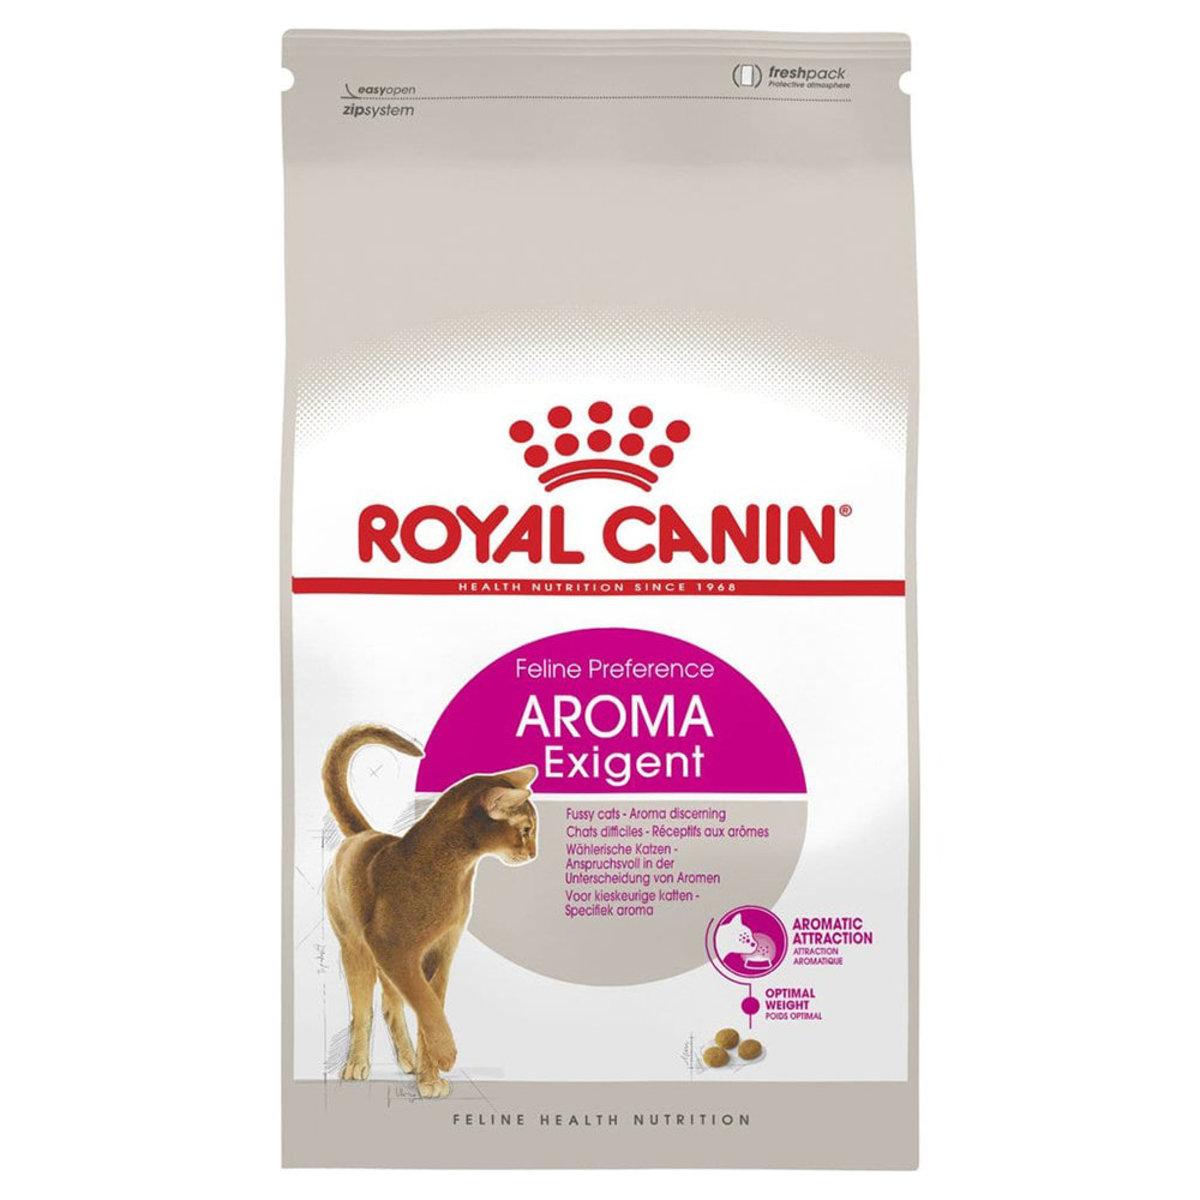 Feline Preference Aroma Exigent Dry Adult Cat Food 10kg [exp:2020-11]